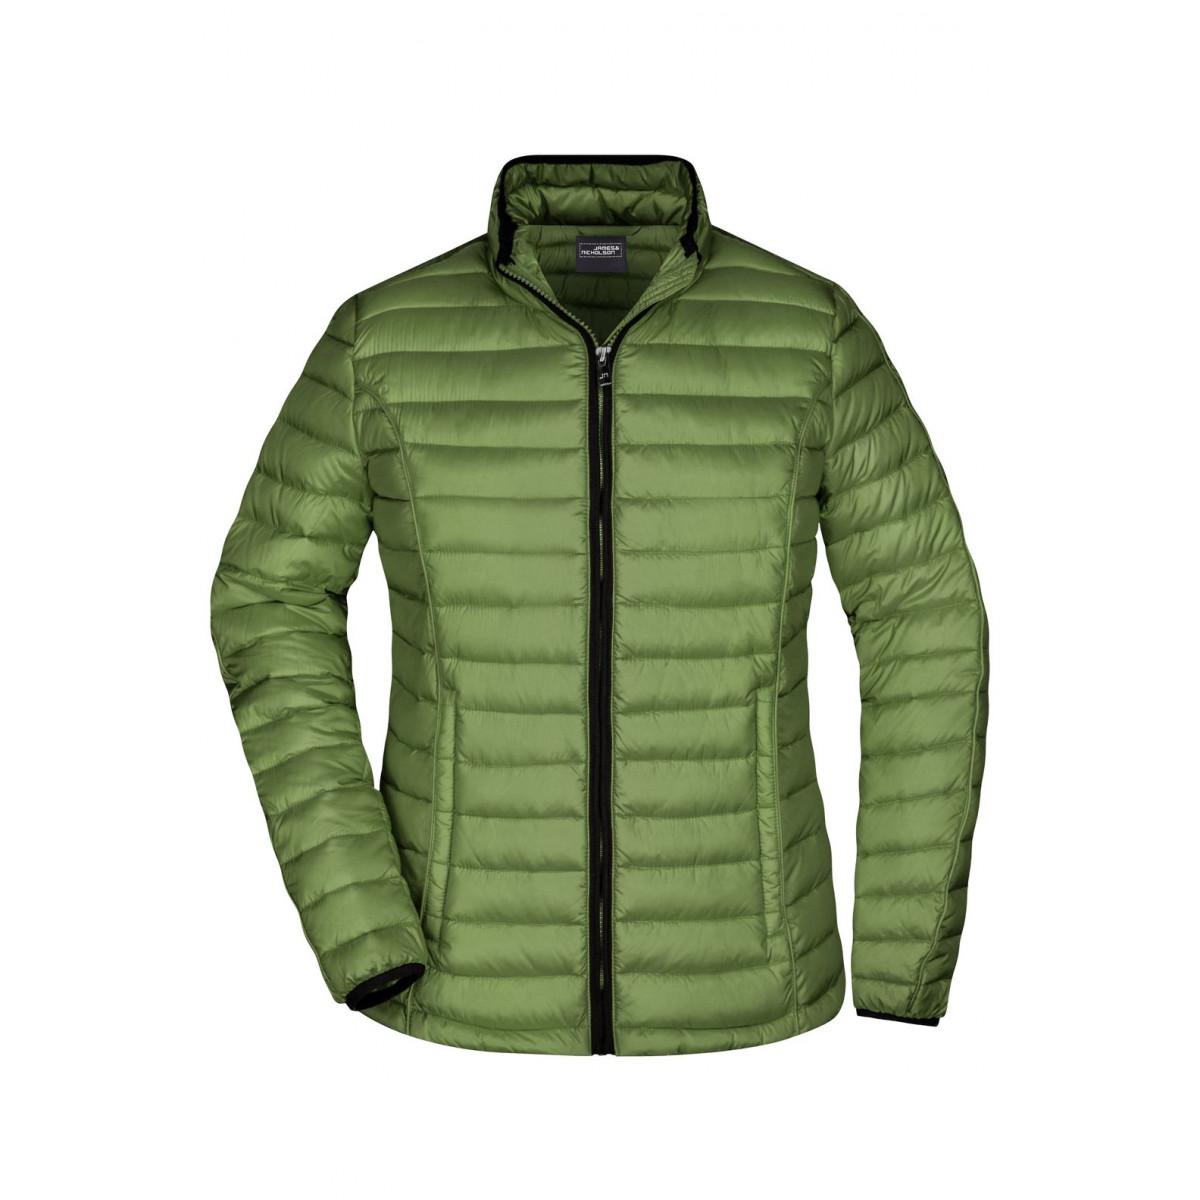 Куртка женская JN1081 Ladies Quilted Down Jacket - Насыщенный зеленый/Черный